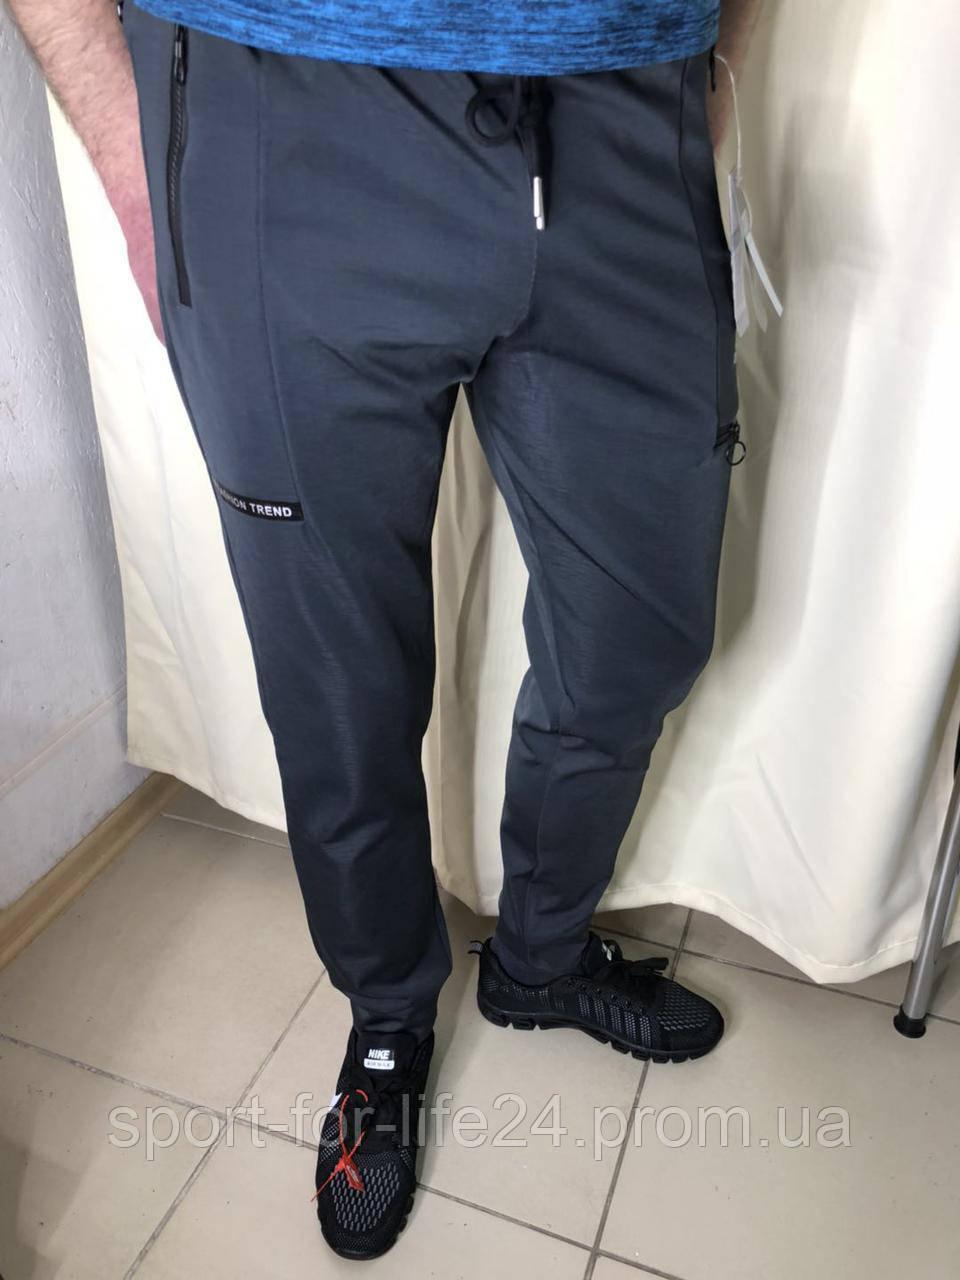 f7f86df39a5e Мужские Спортивные Штаны Adidas Реплика — в Категории